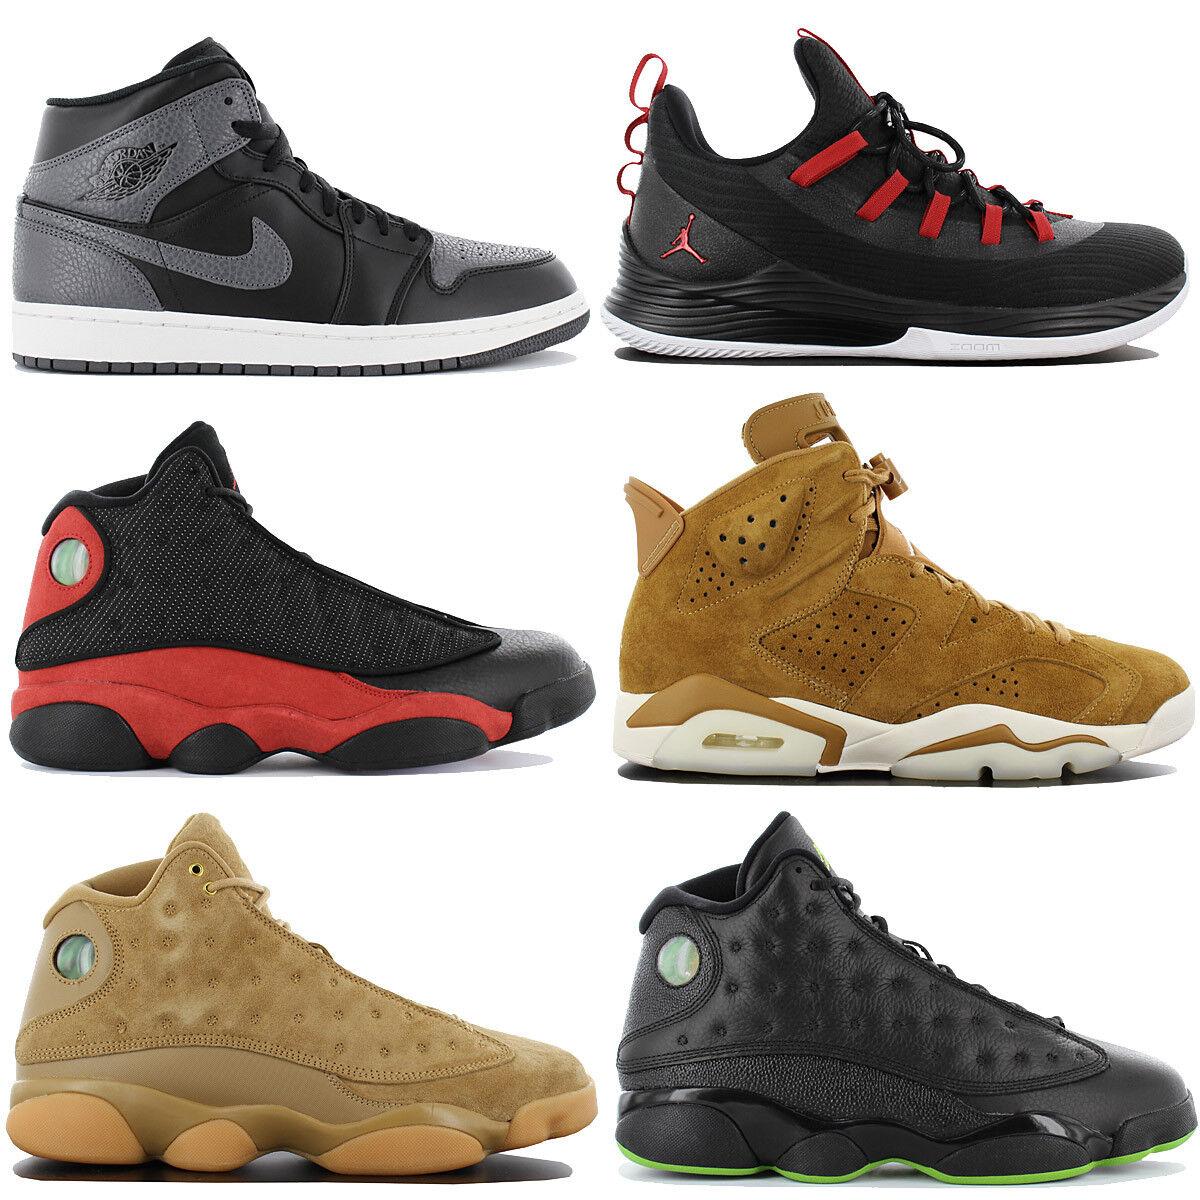 check out 5253f c9927 Air Jordan Uomo Scarpe scarpe scarpe scarpe da ginnastica Scarpe da  ginnastica Nike Scarpe da pallacanestro 1 6 13 NUOVO 3cb452